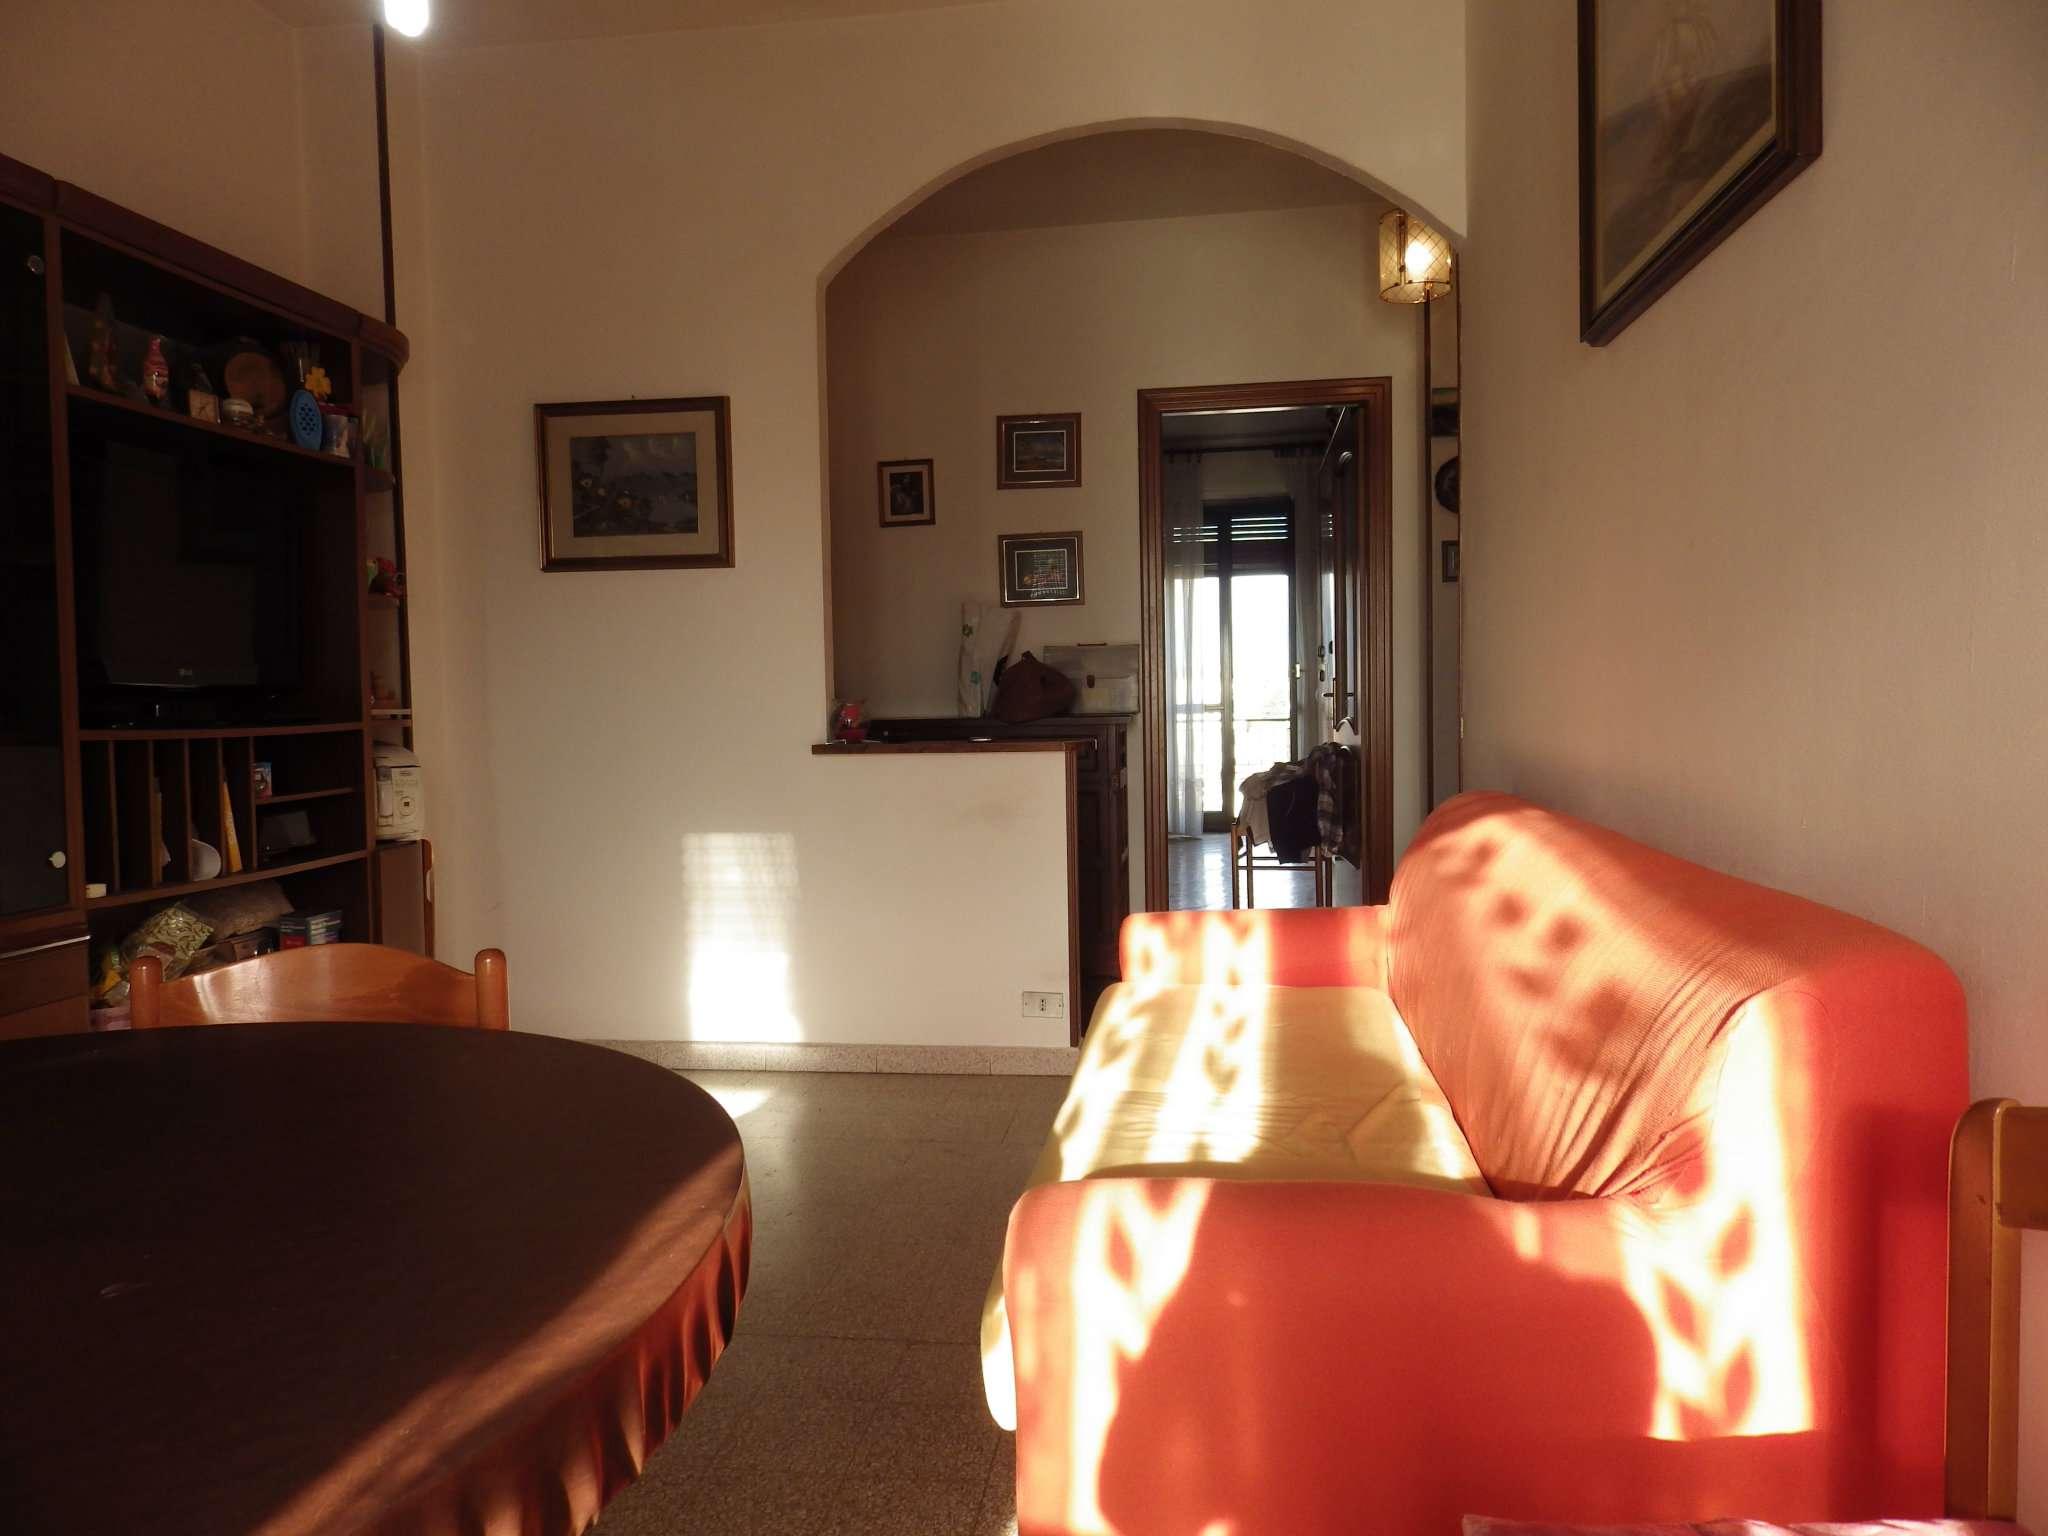 Immagine immobiliare Trilocale a Collegno A pochi metri dal Corso Francia, in zona ben servita e circondata dal verde, si propone ultimo piano senza ascensore ottimamente tagliato con splendida vista panoramica. L'immobile è composto da: disimpegno,...